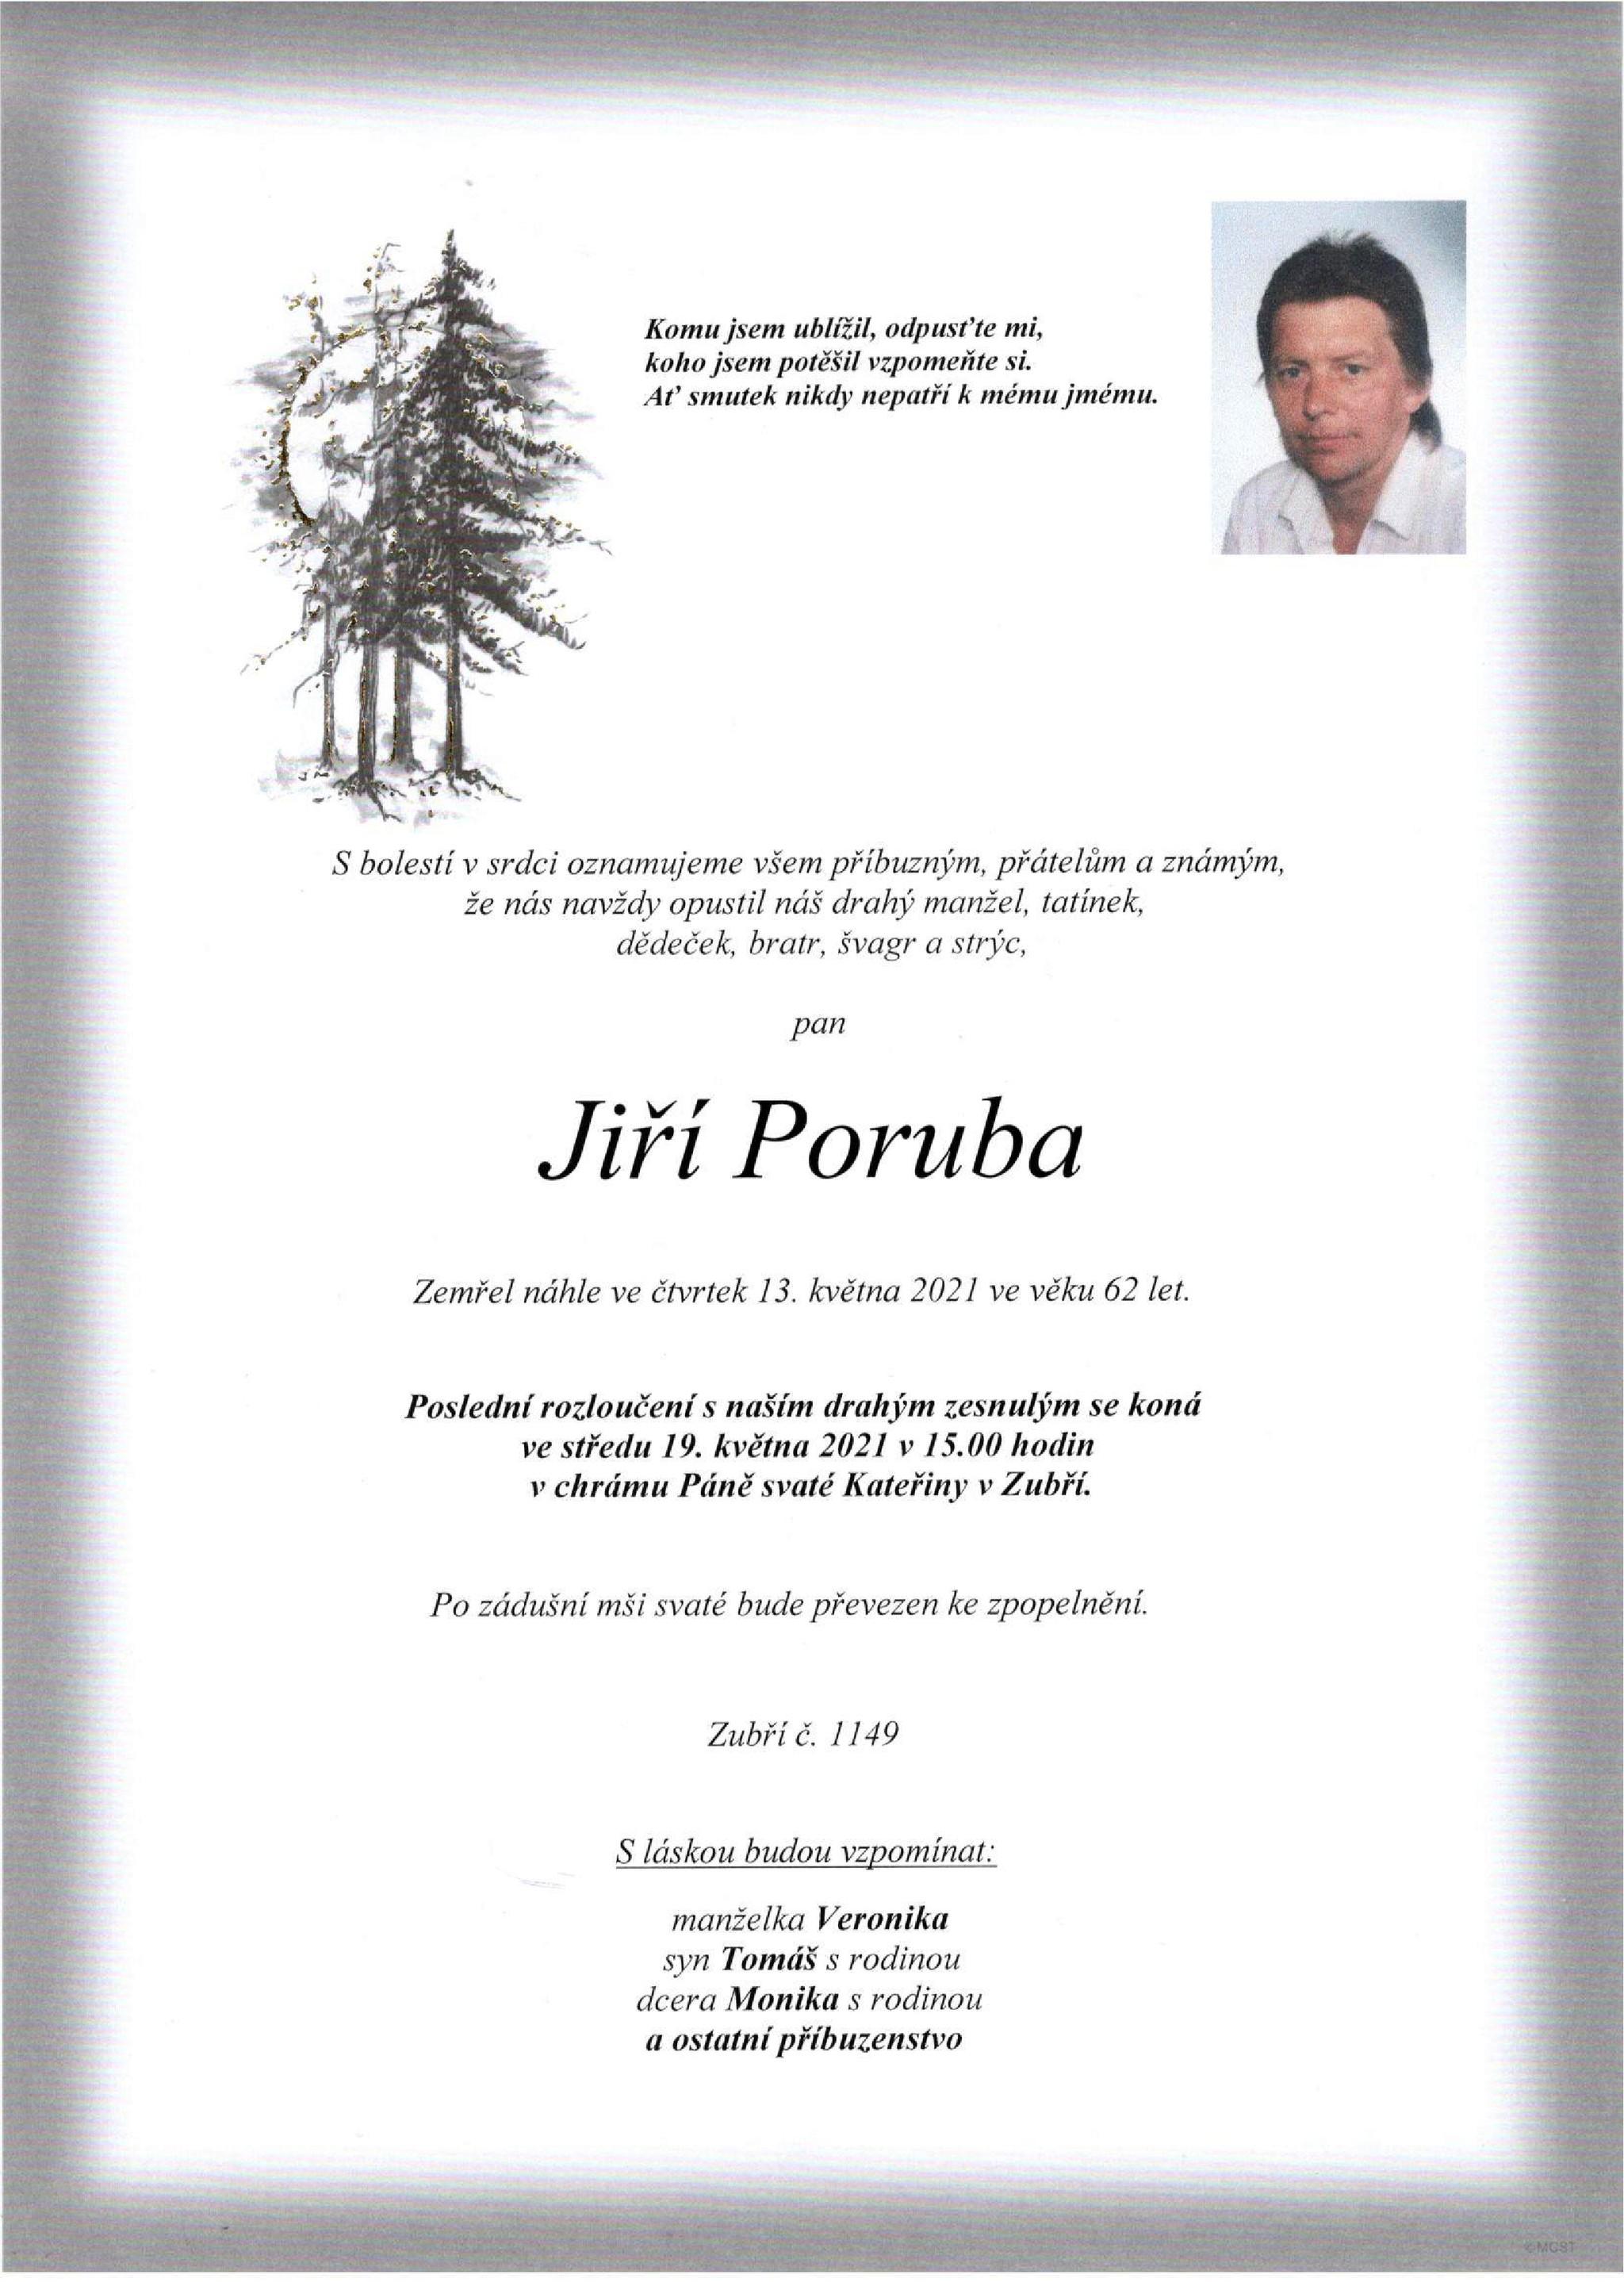 Jiří Poruba